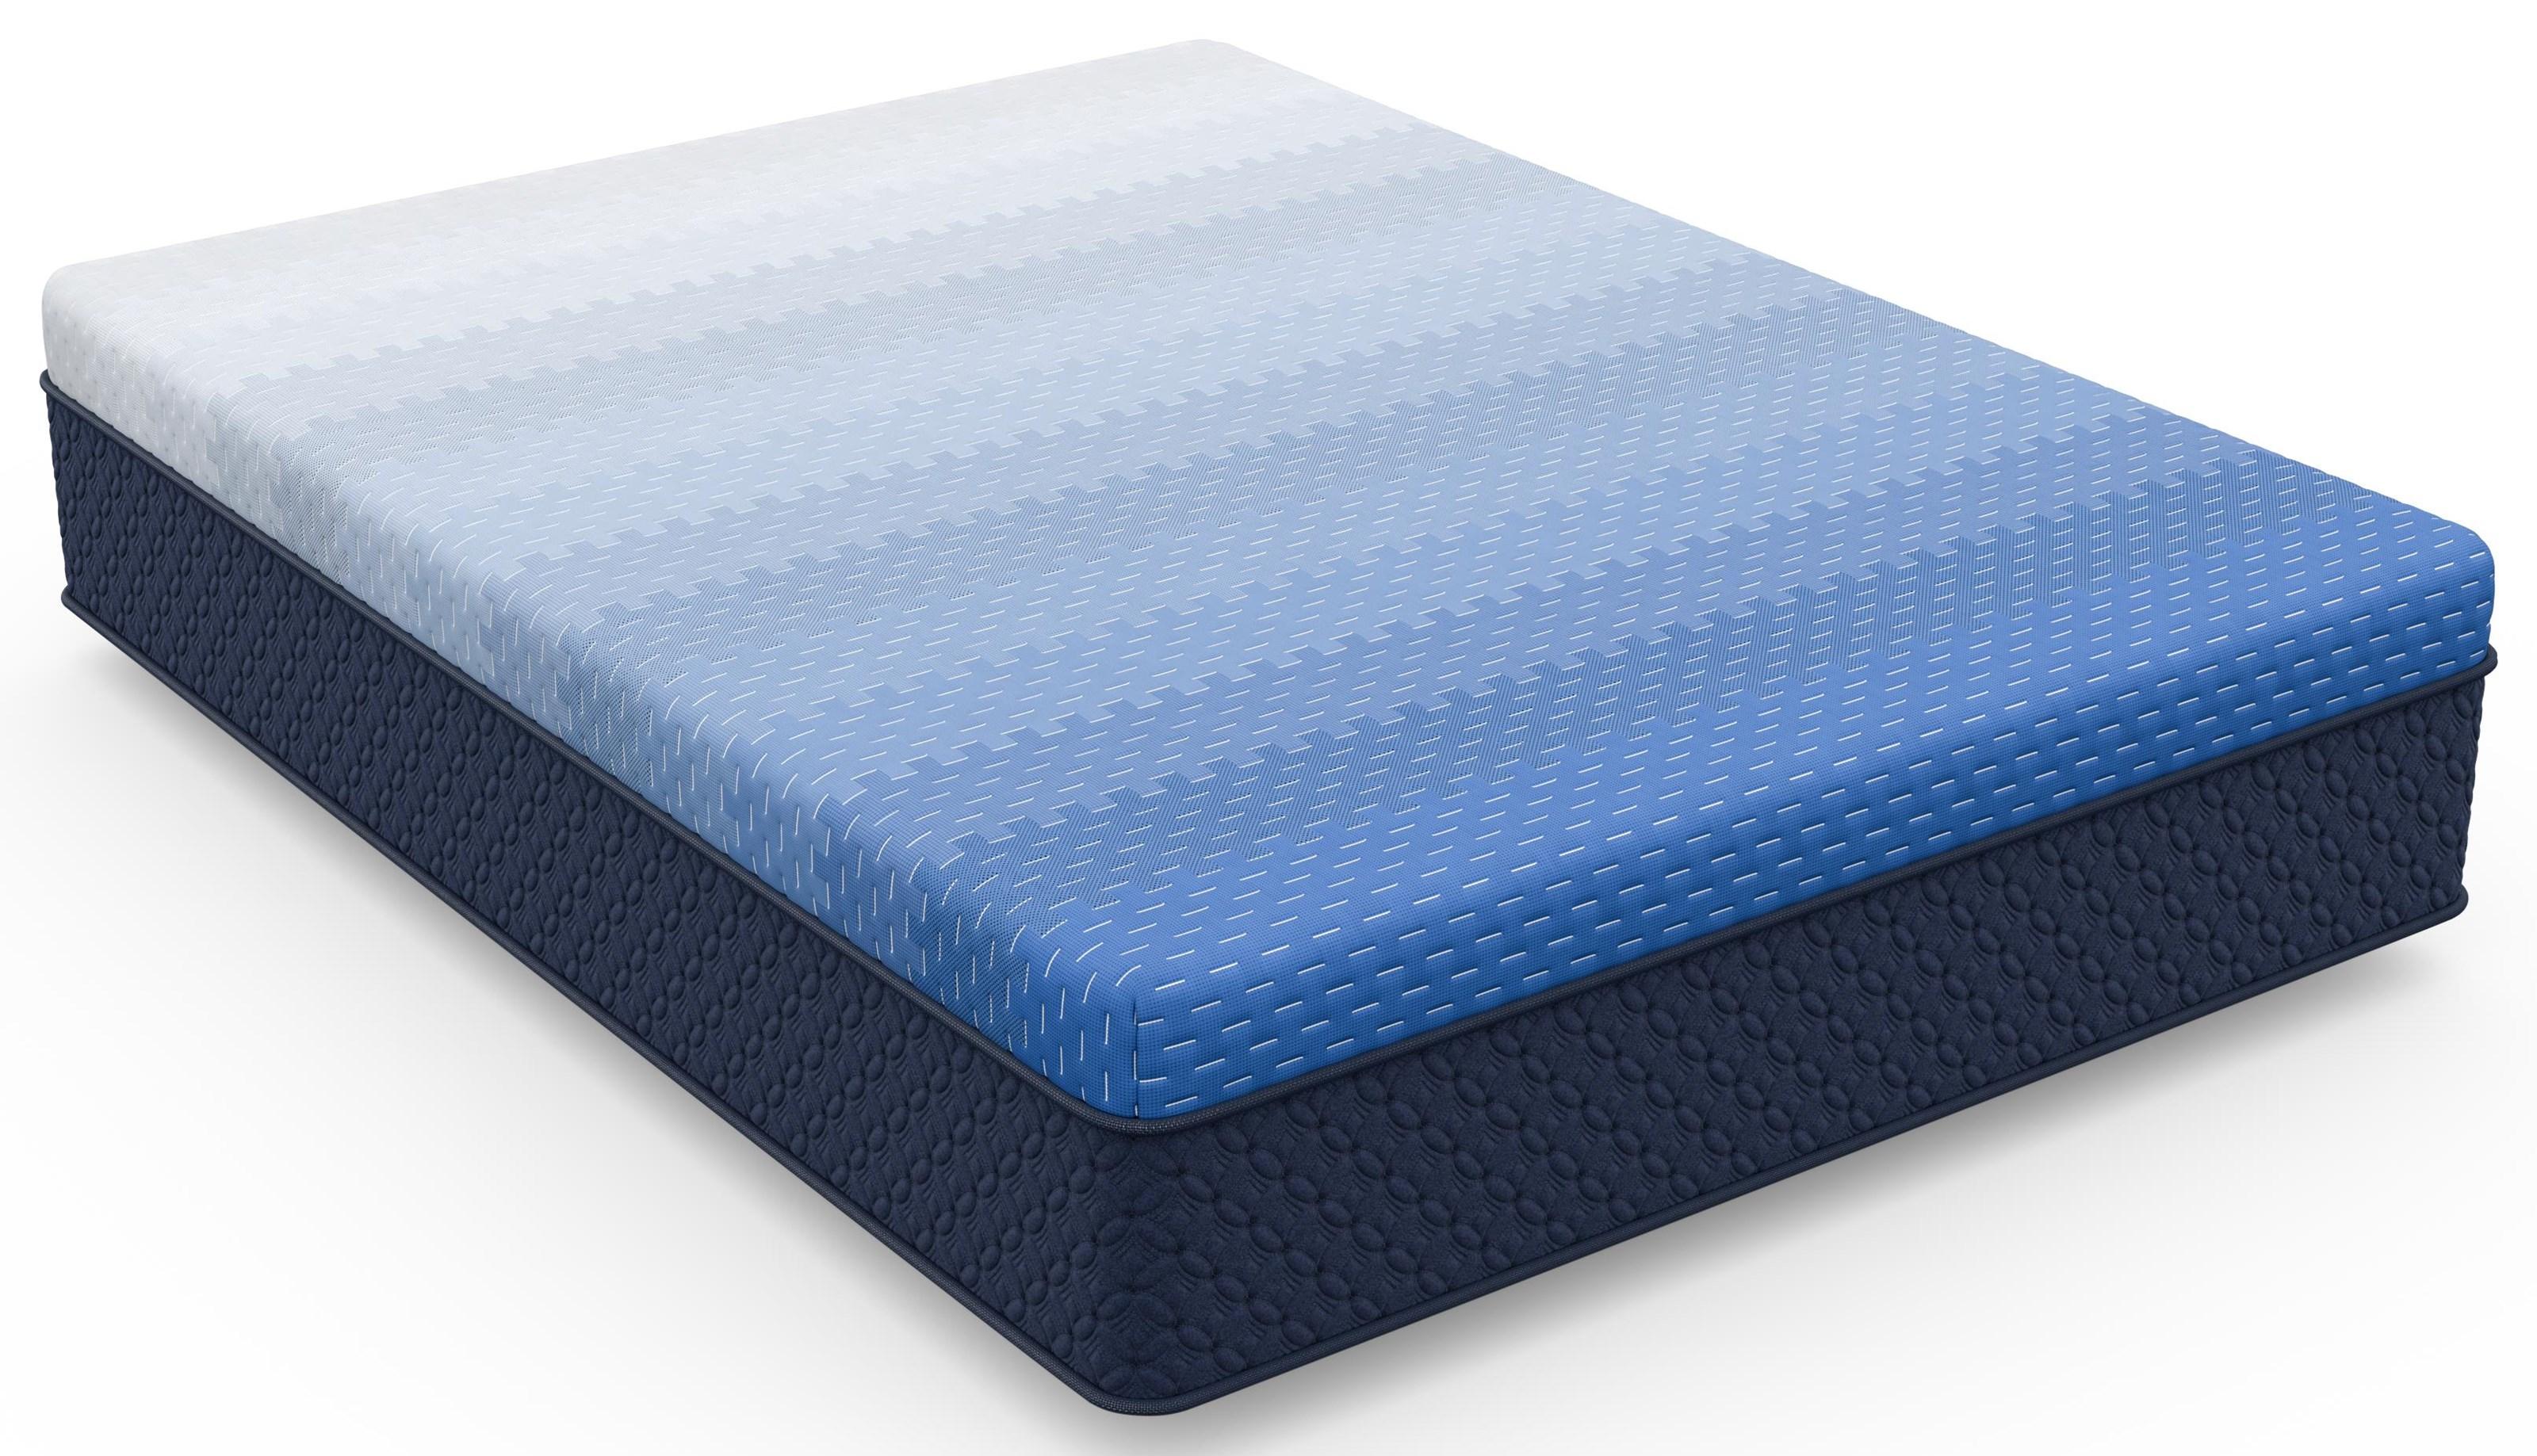 Lake Tahoe King Firm Gel Cooling Memory Foam Mattre by Diamond Mattress at Beck's Furniture